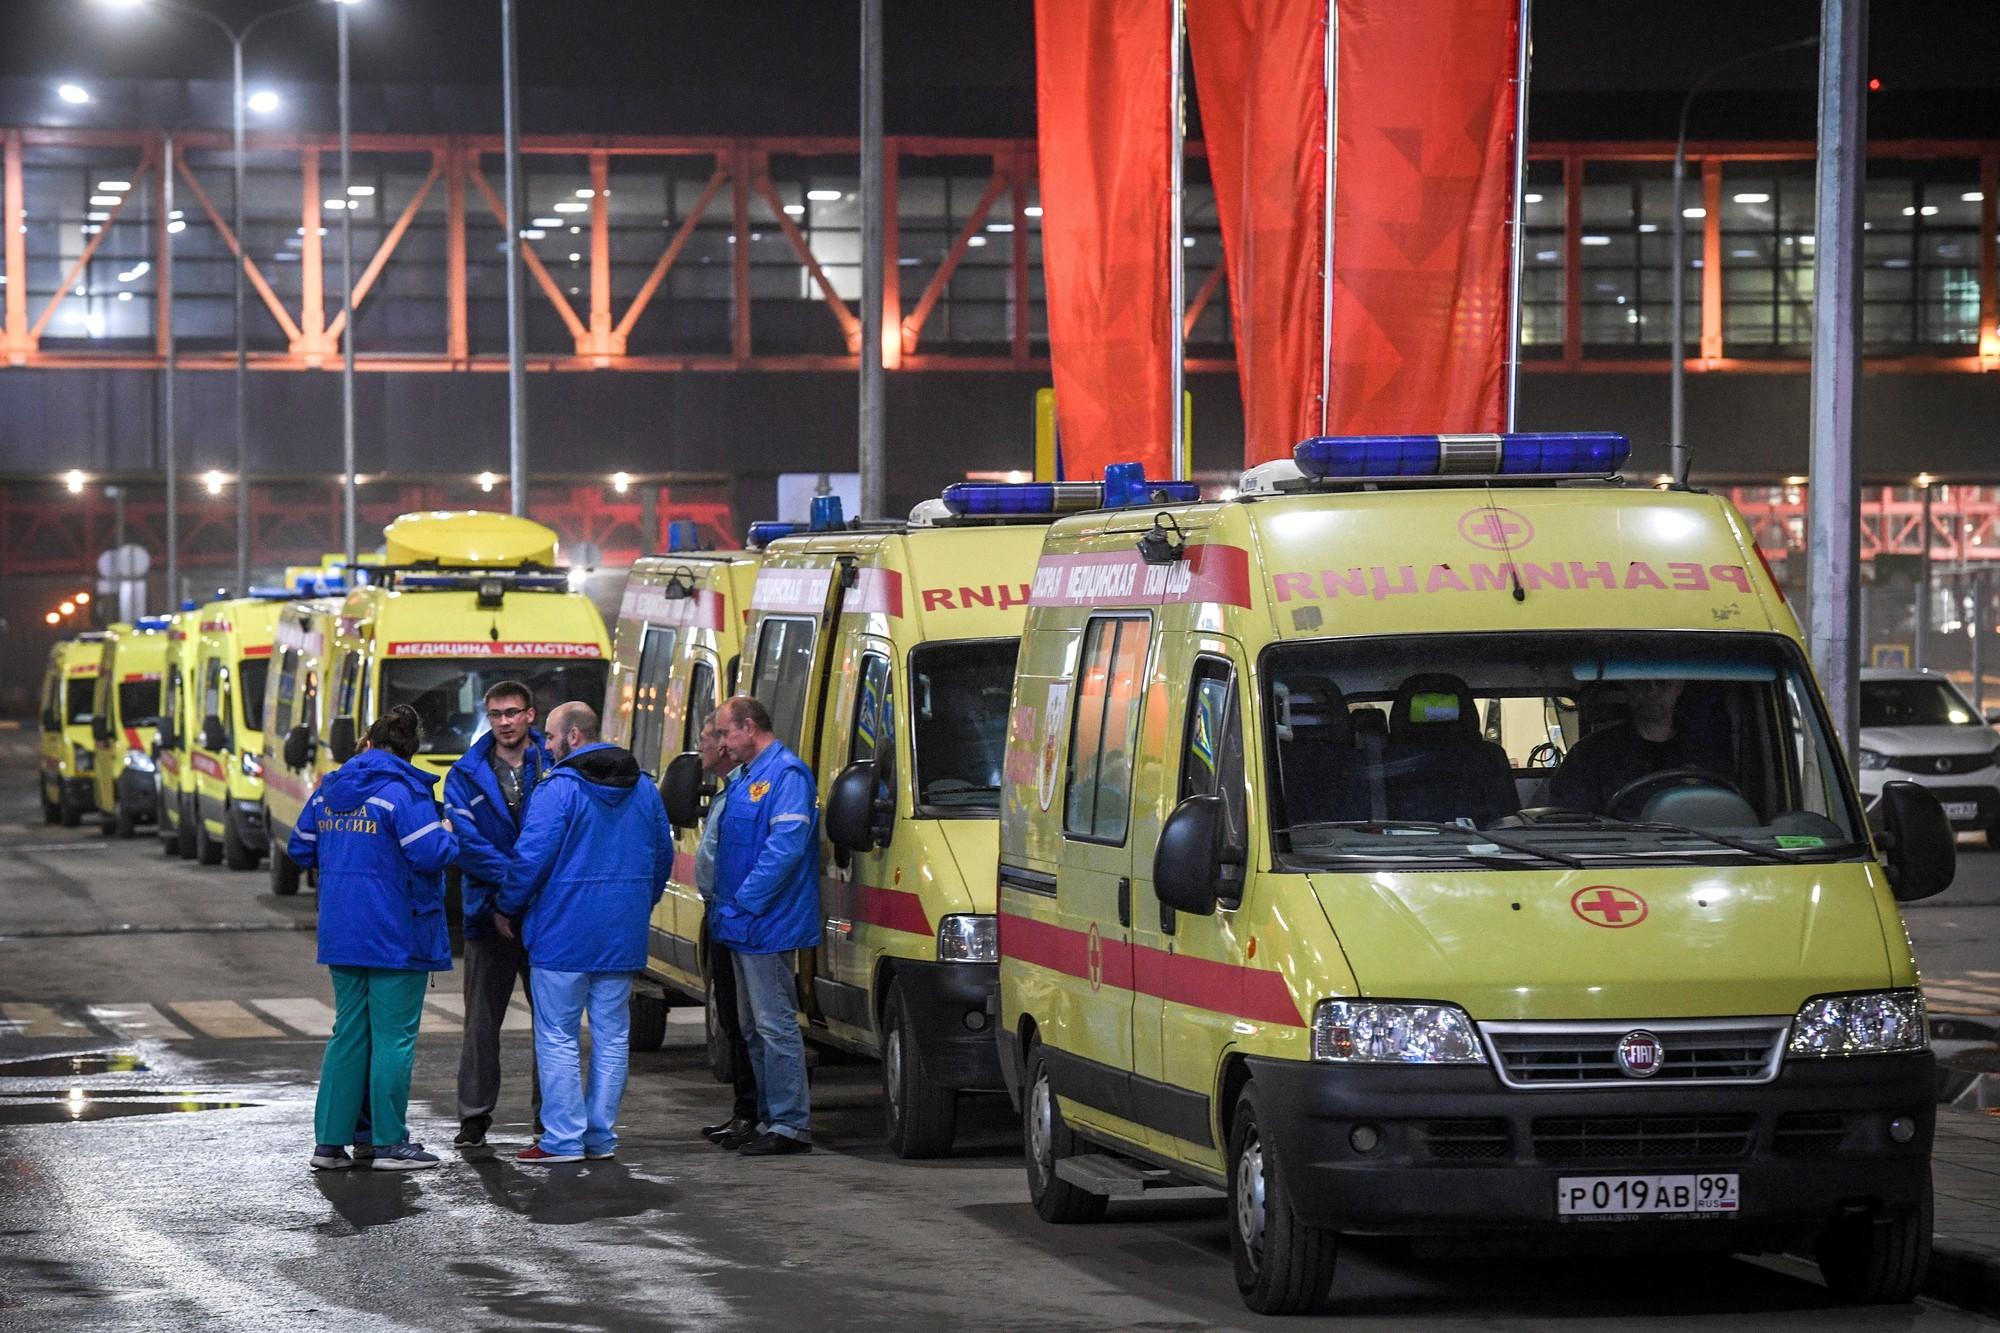 Máy bay Nga cháy dữ dội khiến 41 người tử vong: Danh sách 72 hành khách chưa thấy thông tin người Việt - Ảnh 2.